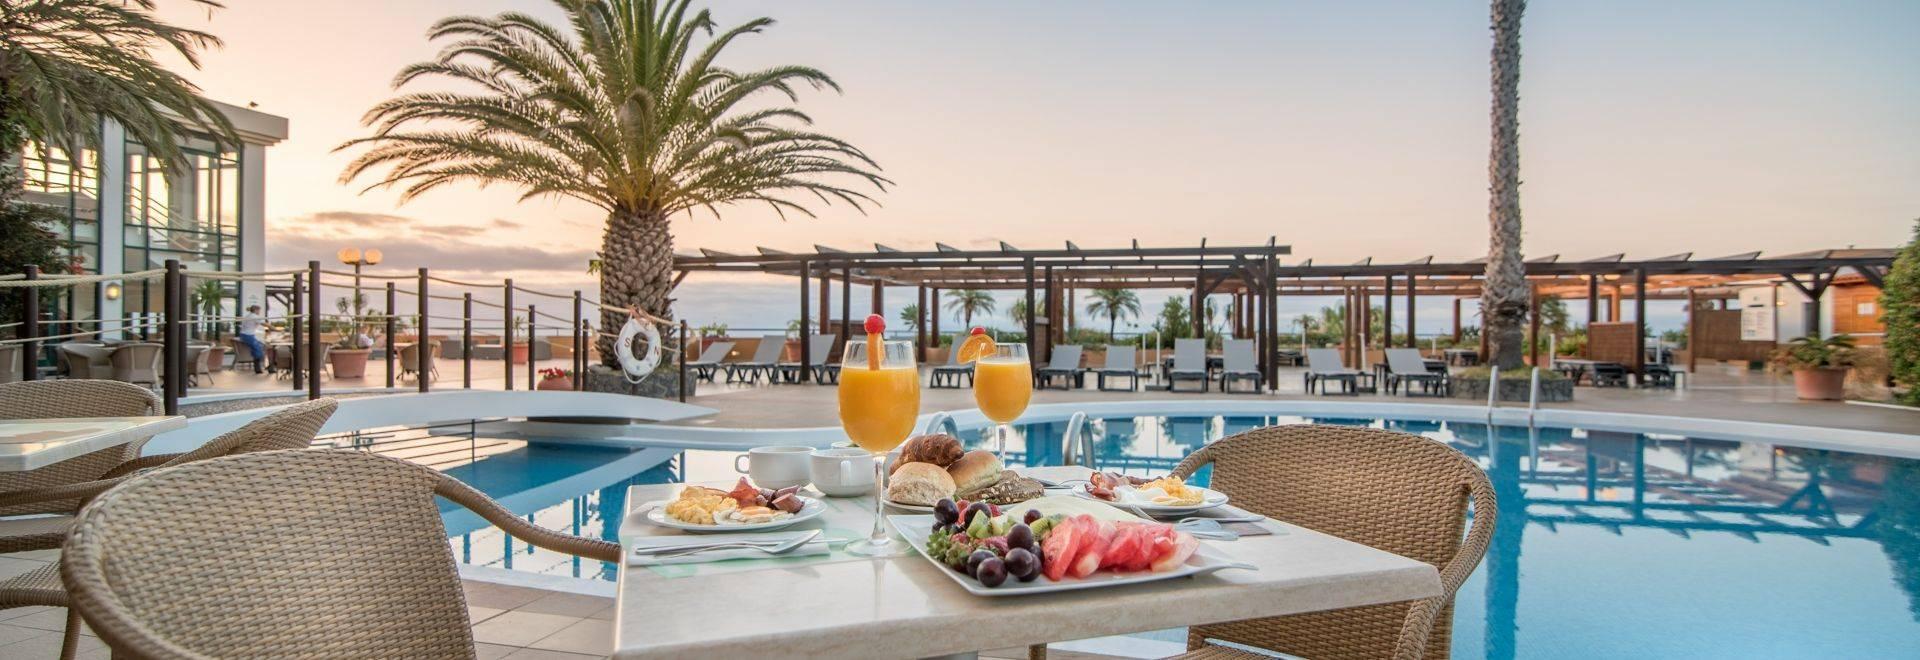 Galo-Resort-poolside-dining.jpg